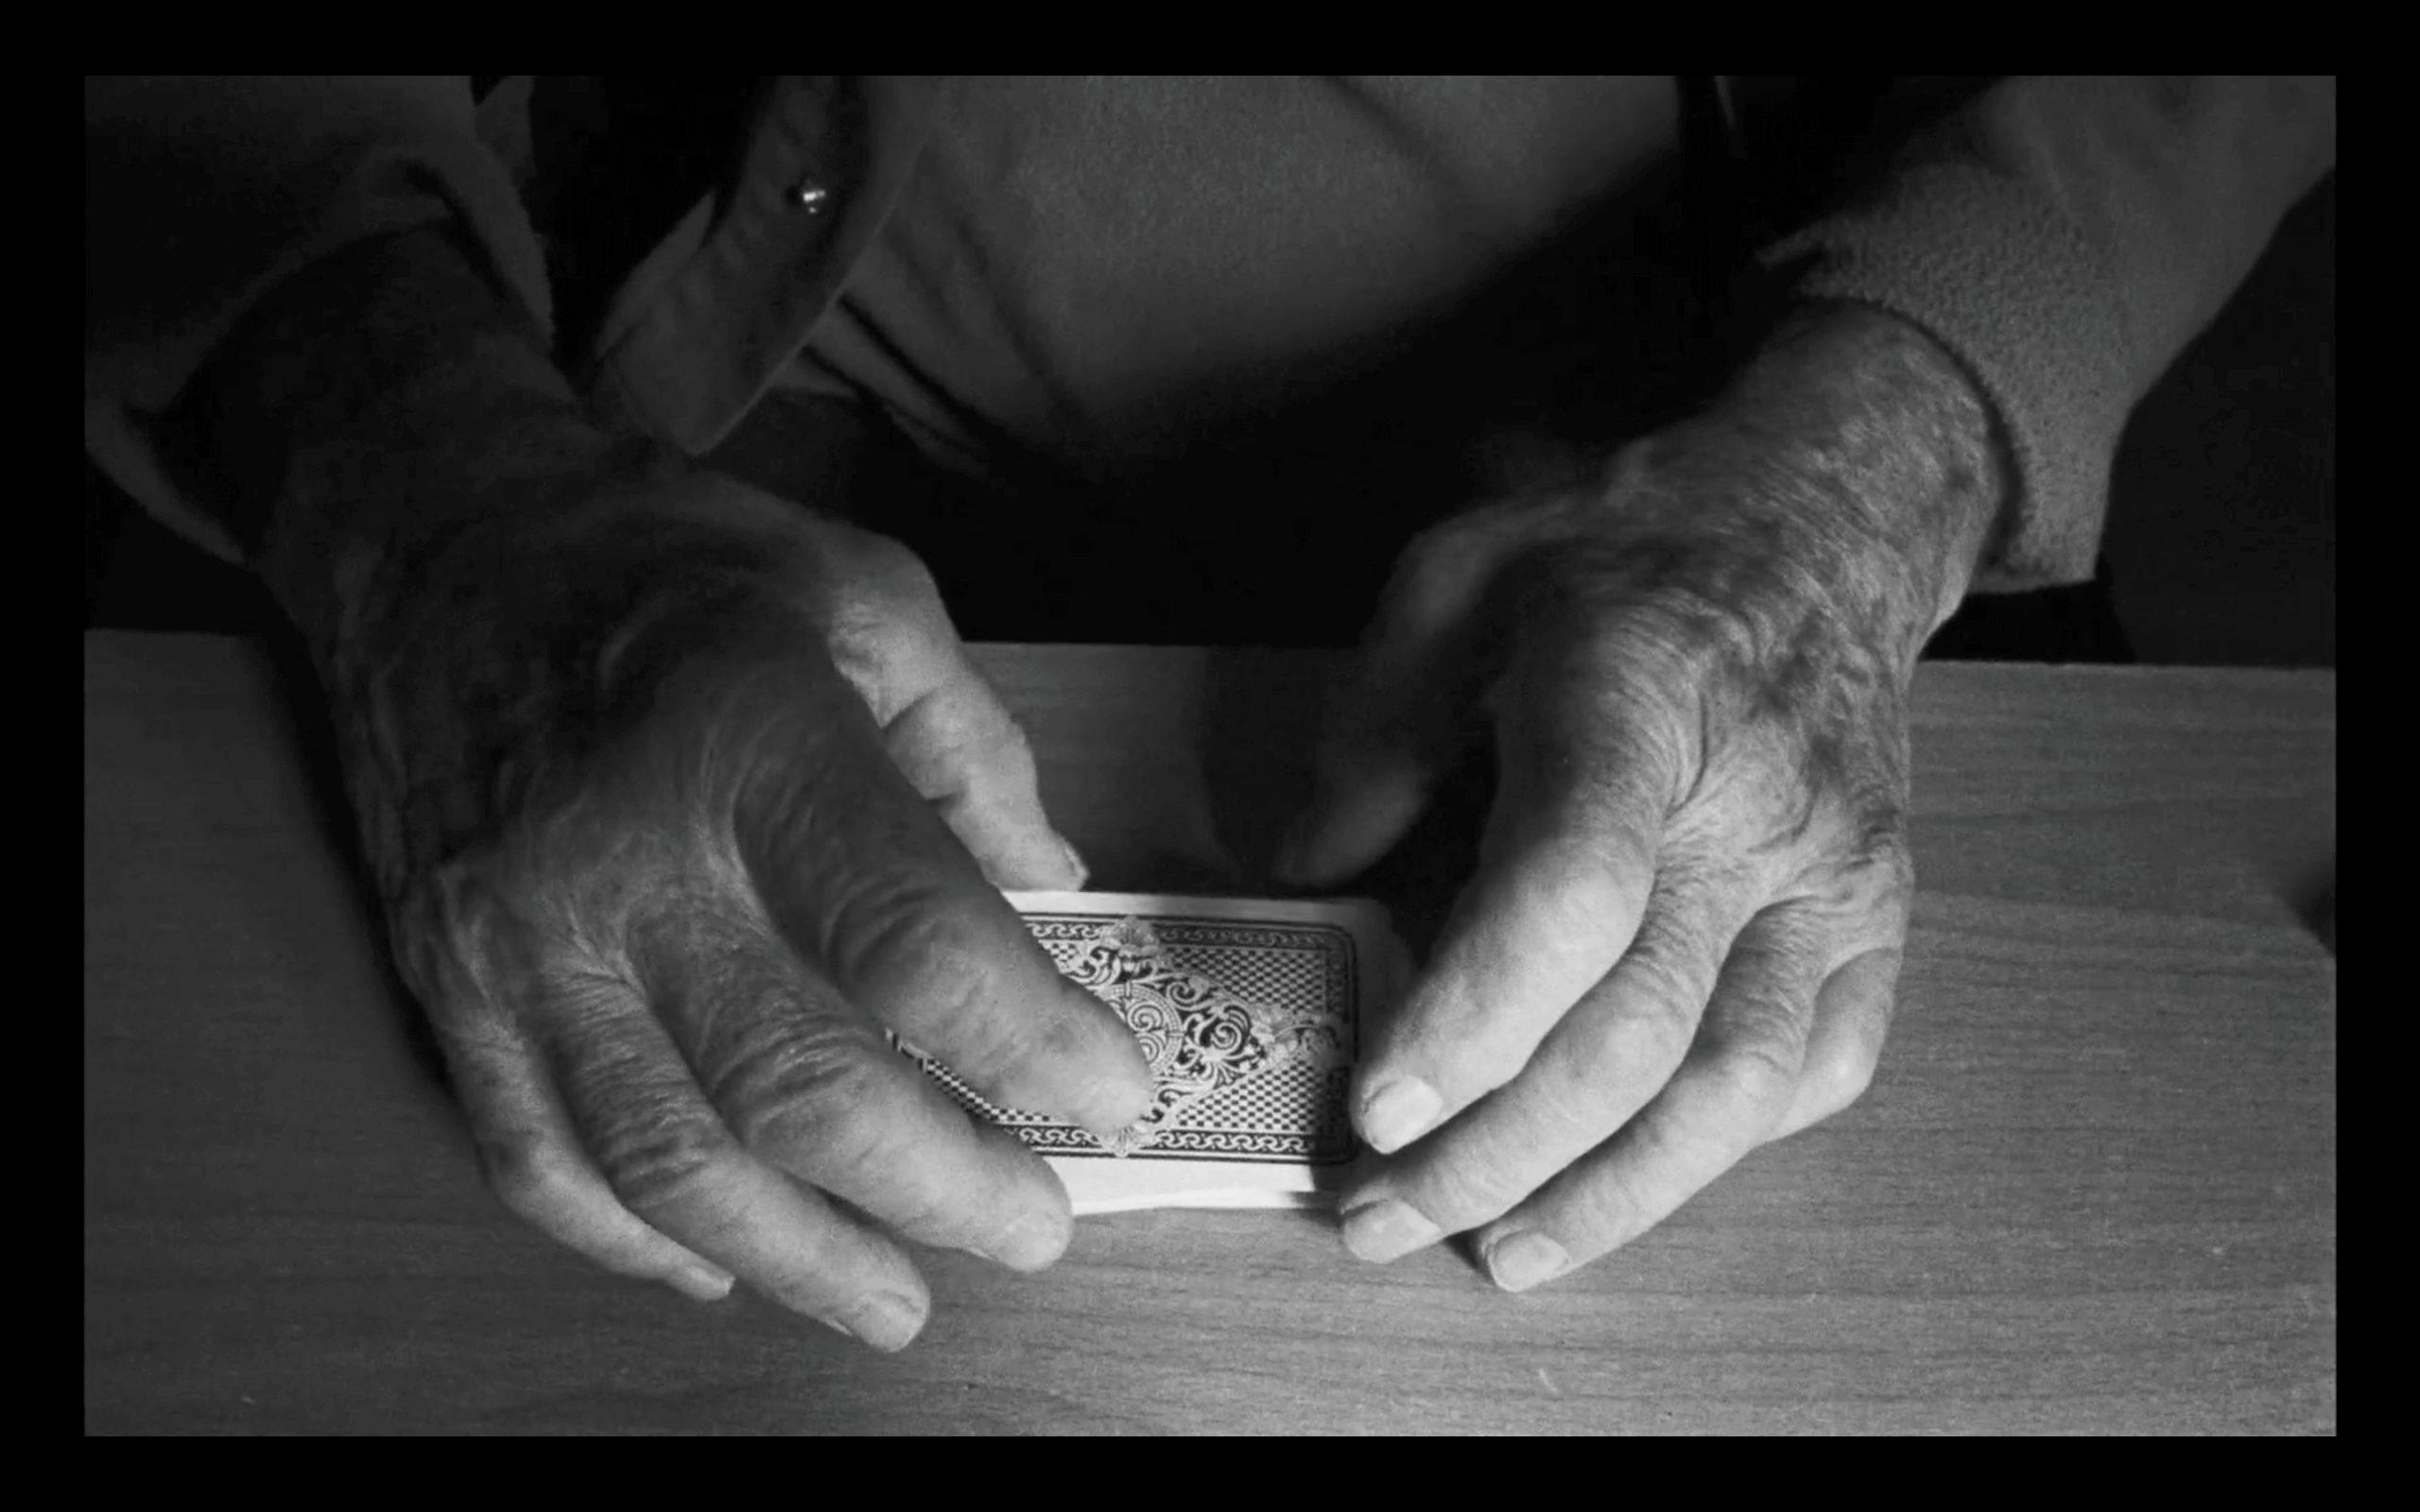 """Das Glücksspiel """"Stoß"""" verwendet ein französisches Kartenspiel mit 32 Blatt (Quelle: Vento Film)."""